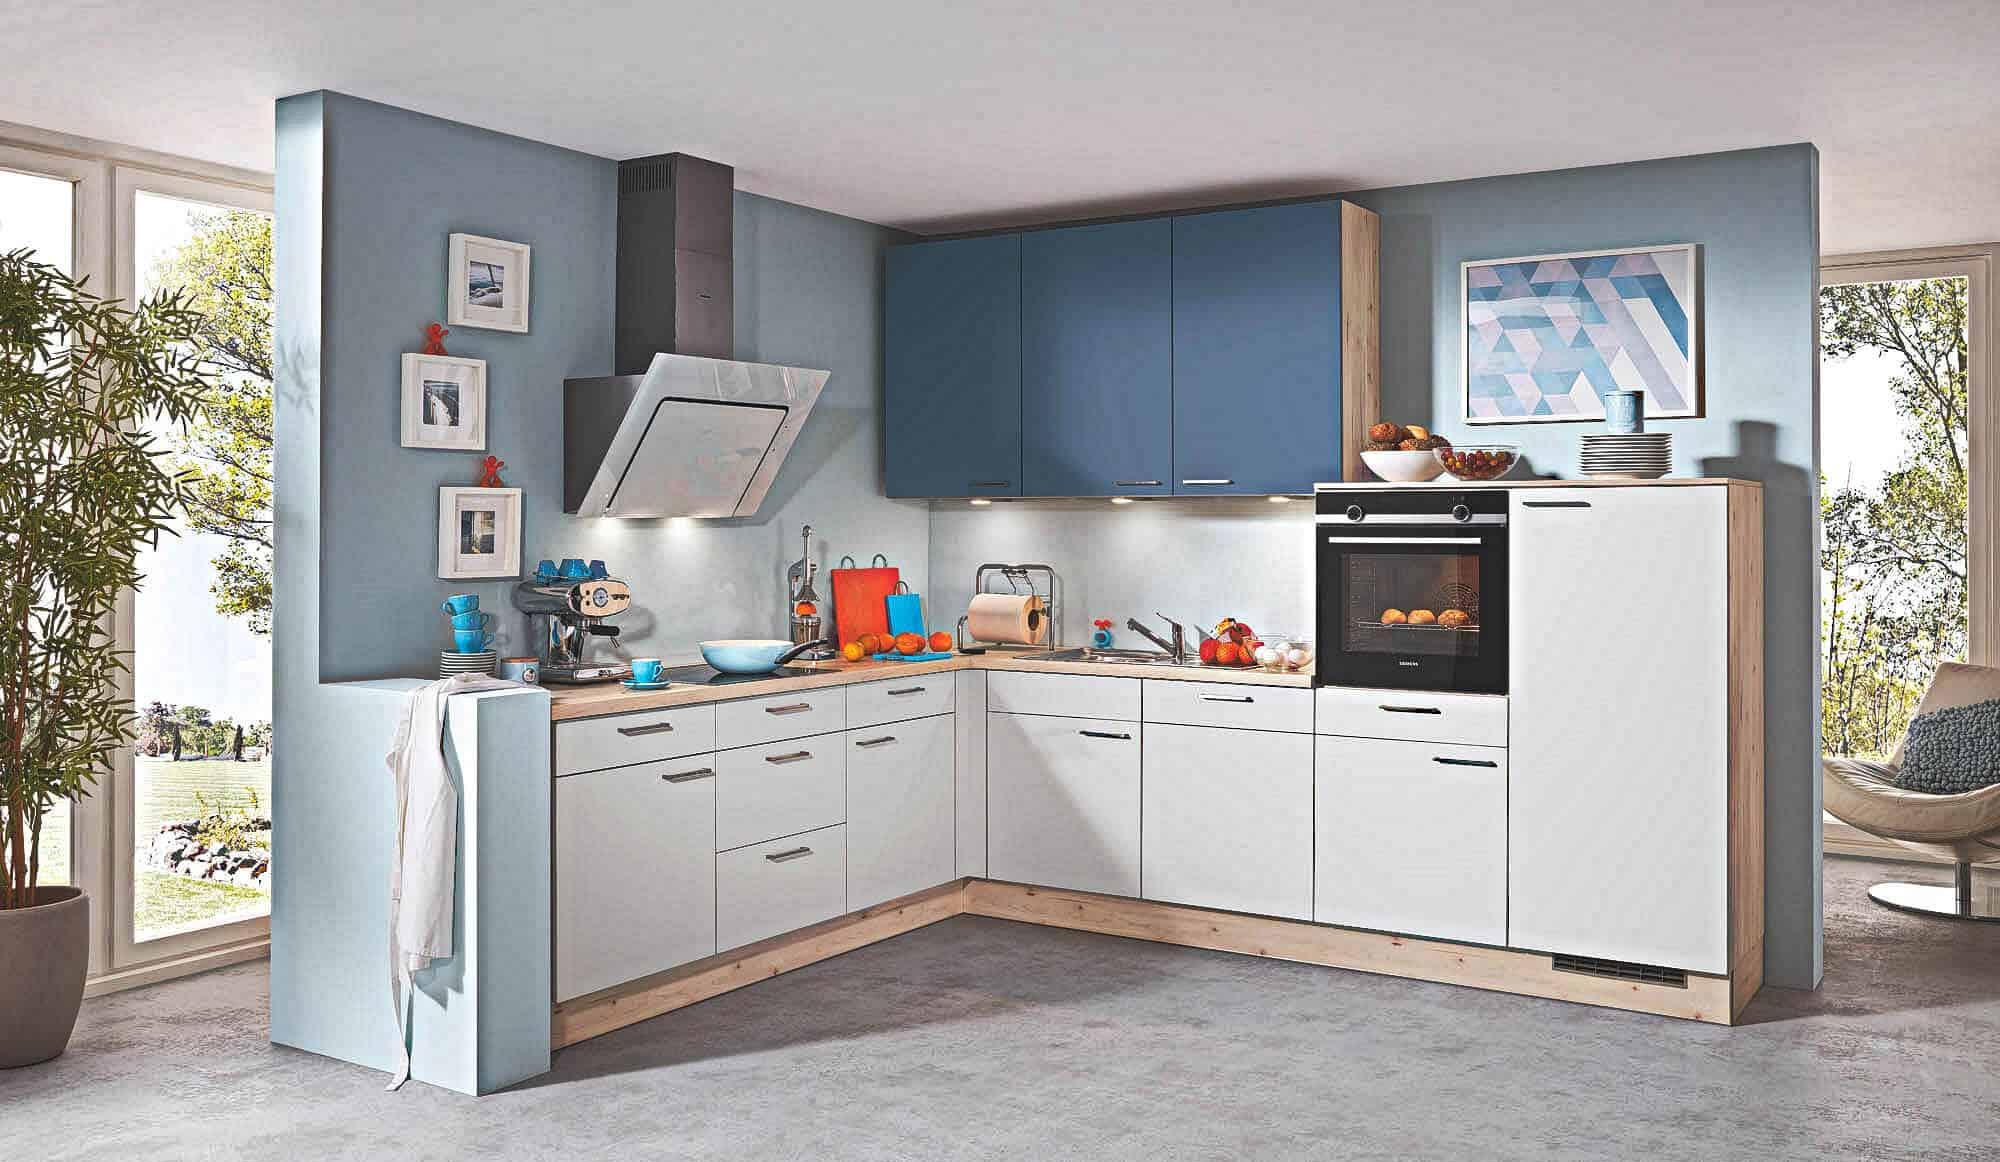 blaue k chen g nstig kaufen kompetente k chenplanung k chenb rse. Black Bedroom Furniture Sets. Home Design Ideas